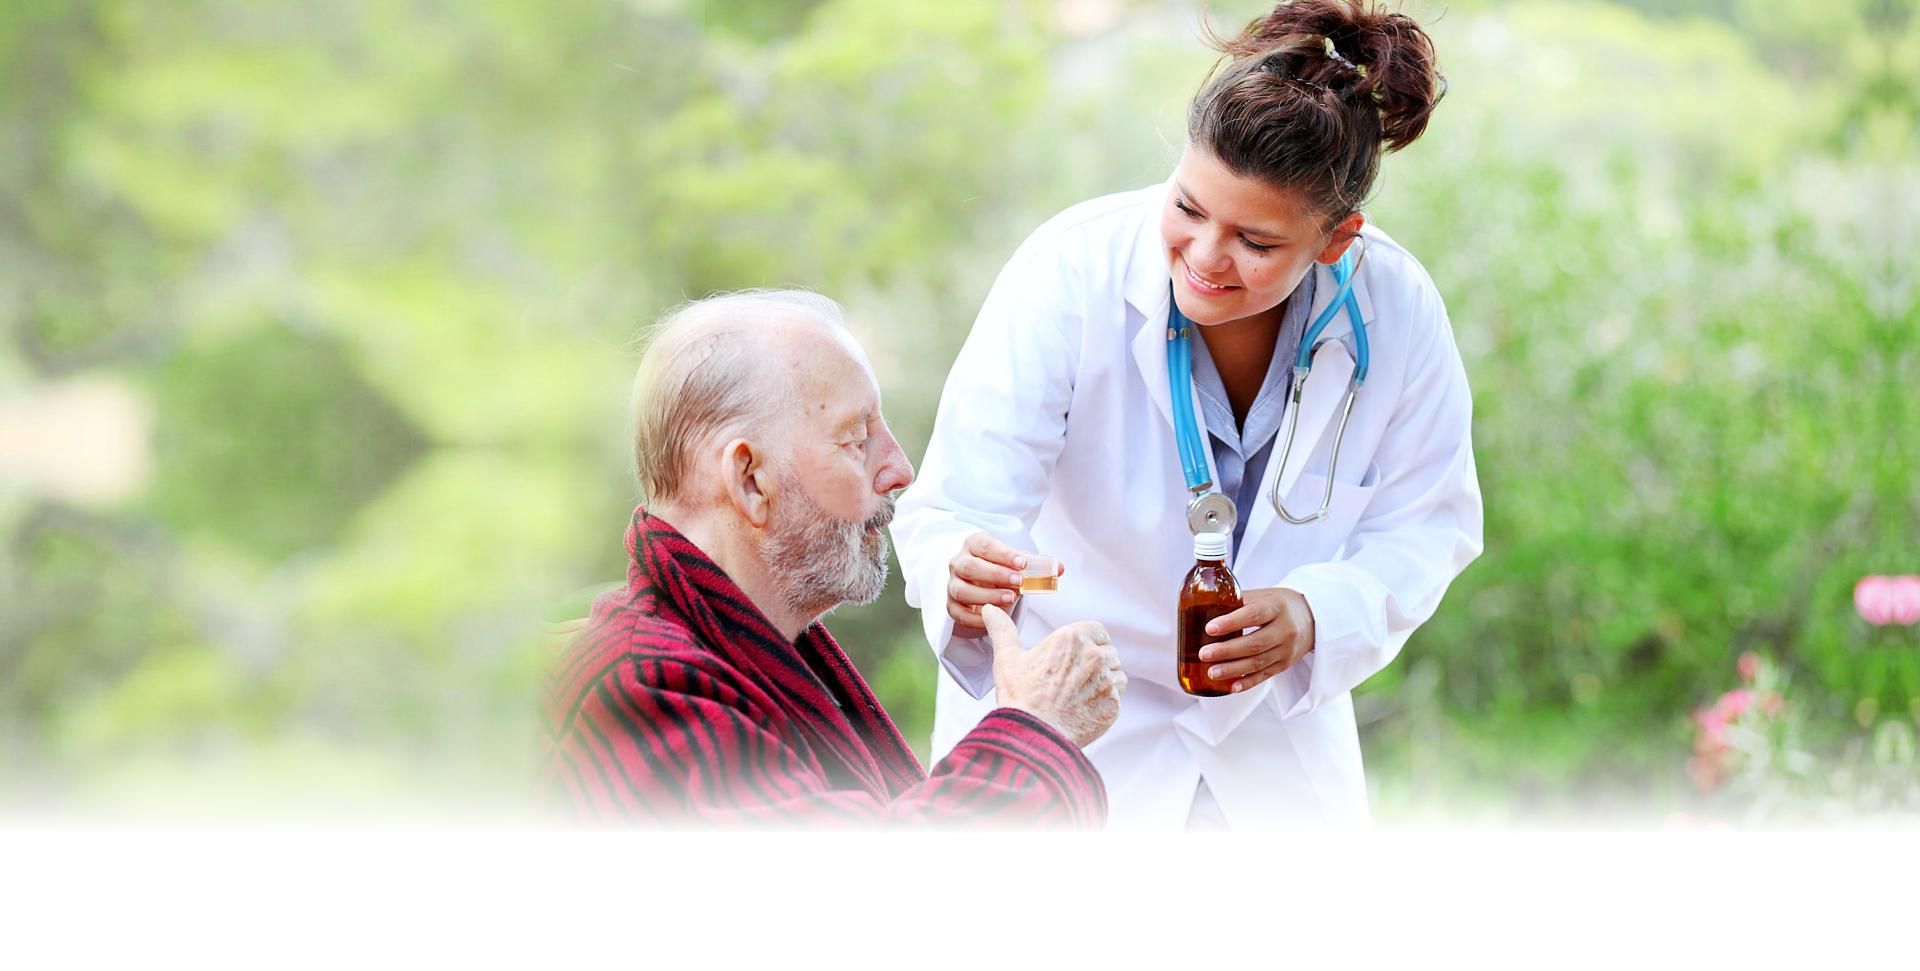 woman giving medicine to a senior